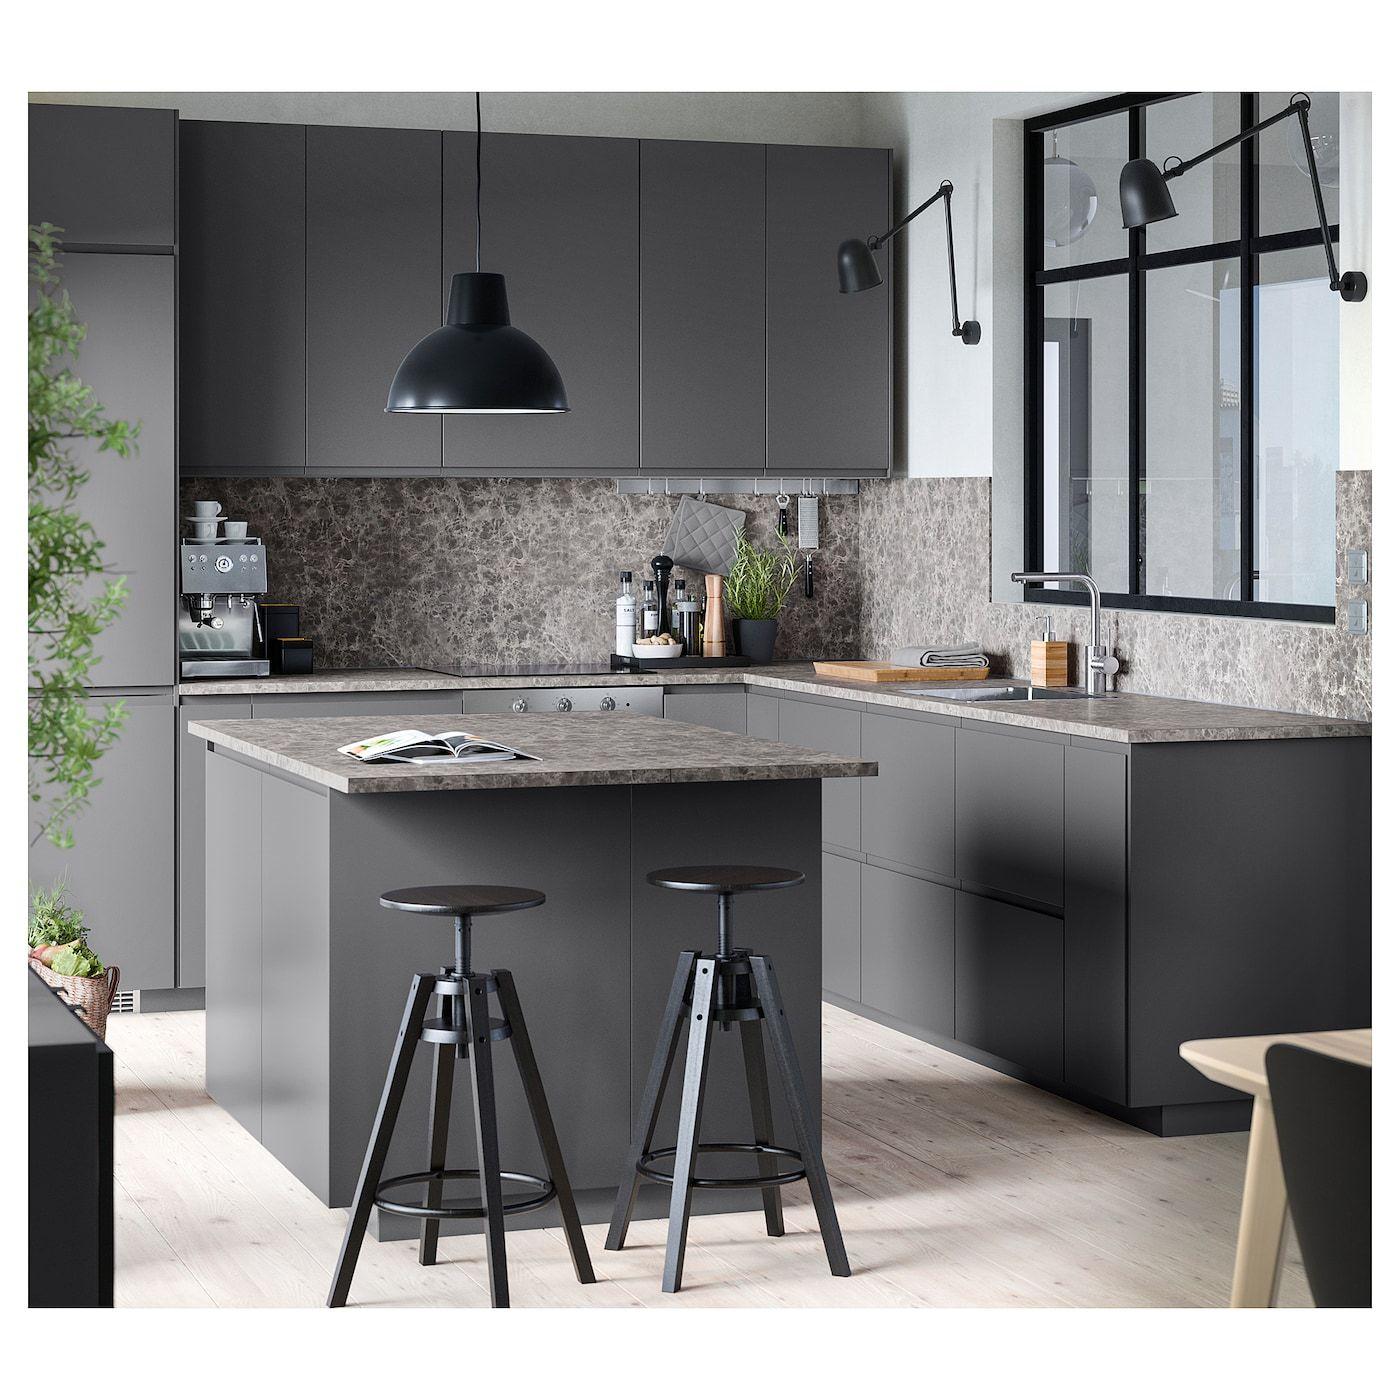 Ikea Ekbacken Countertop Dark Gray Marble Effect Laminate